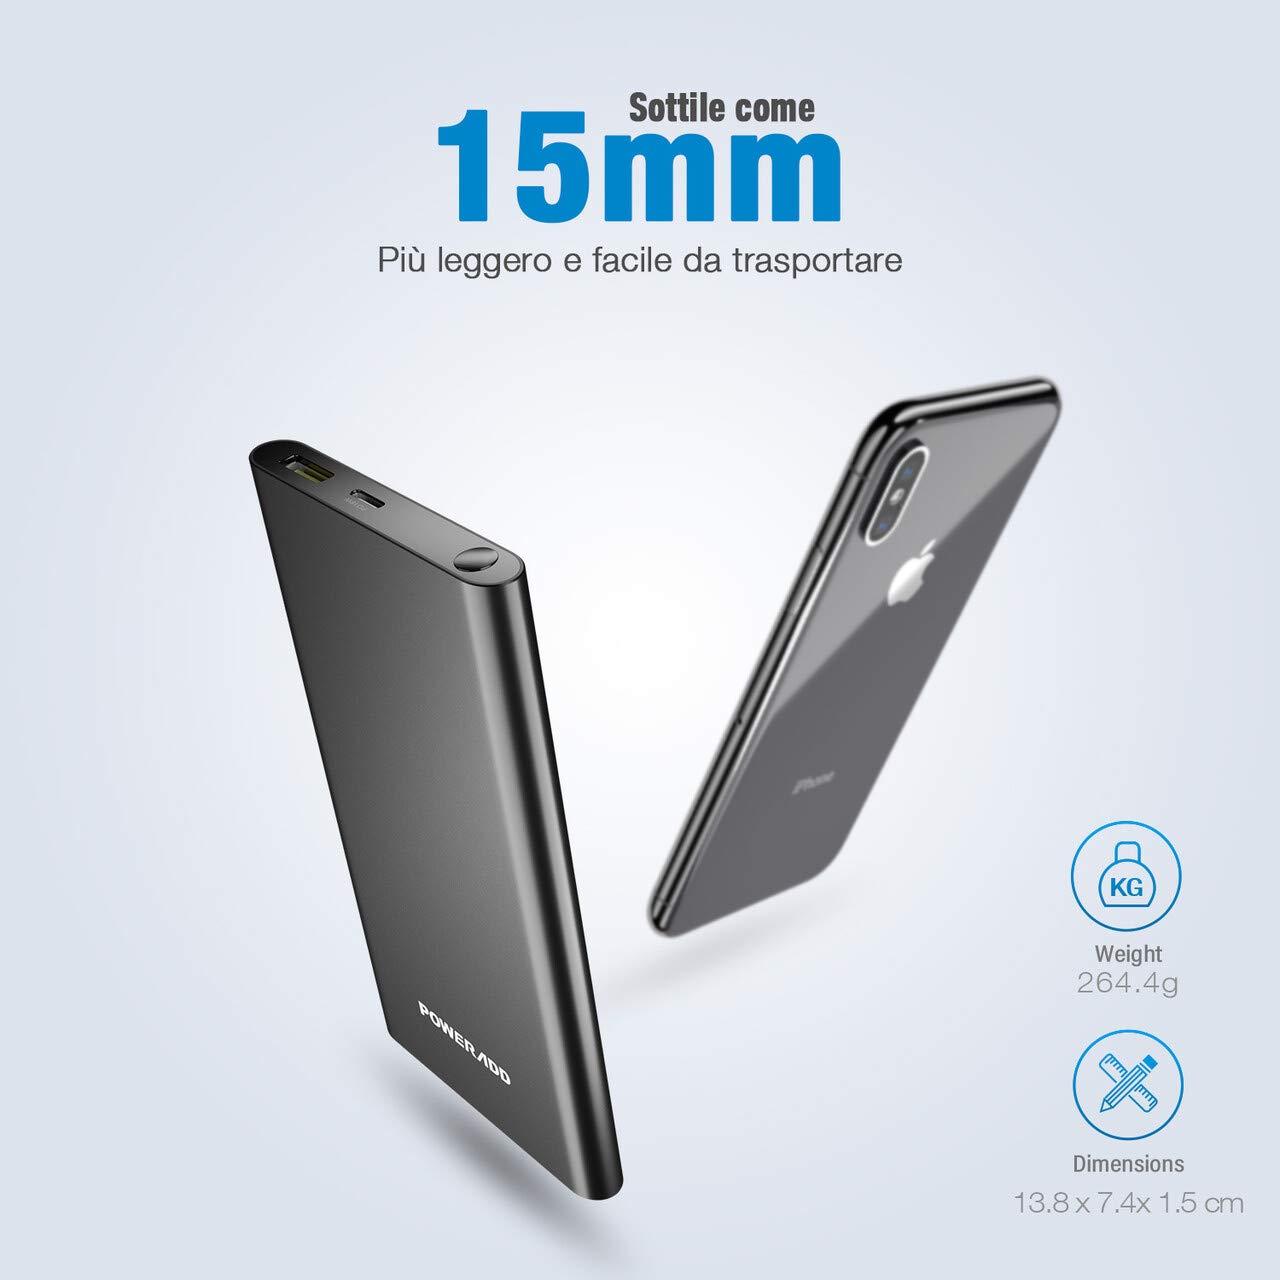 POWERADD Pilot 2GS PRO Powerbank da 10000mAh Caricabatterie Portatile da PD 18W, Carica Rapida per Huawei, Samsung, Xiaomi, iPhone e Tanti Altri